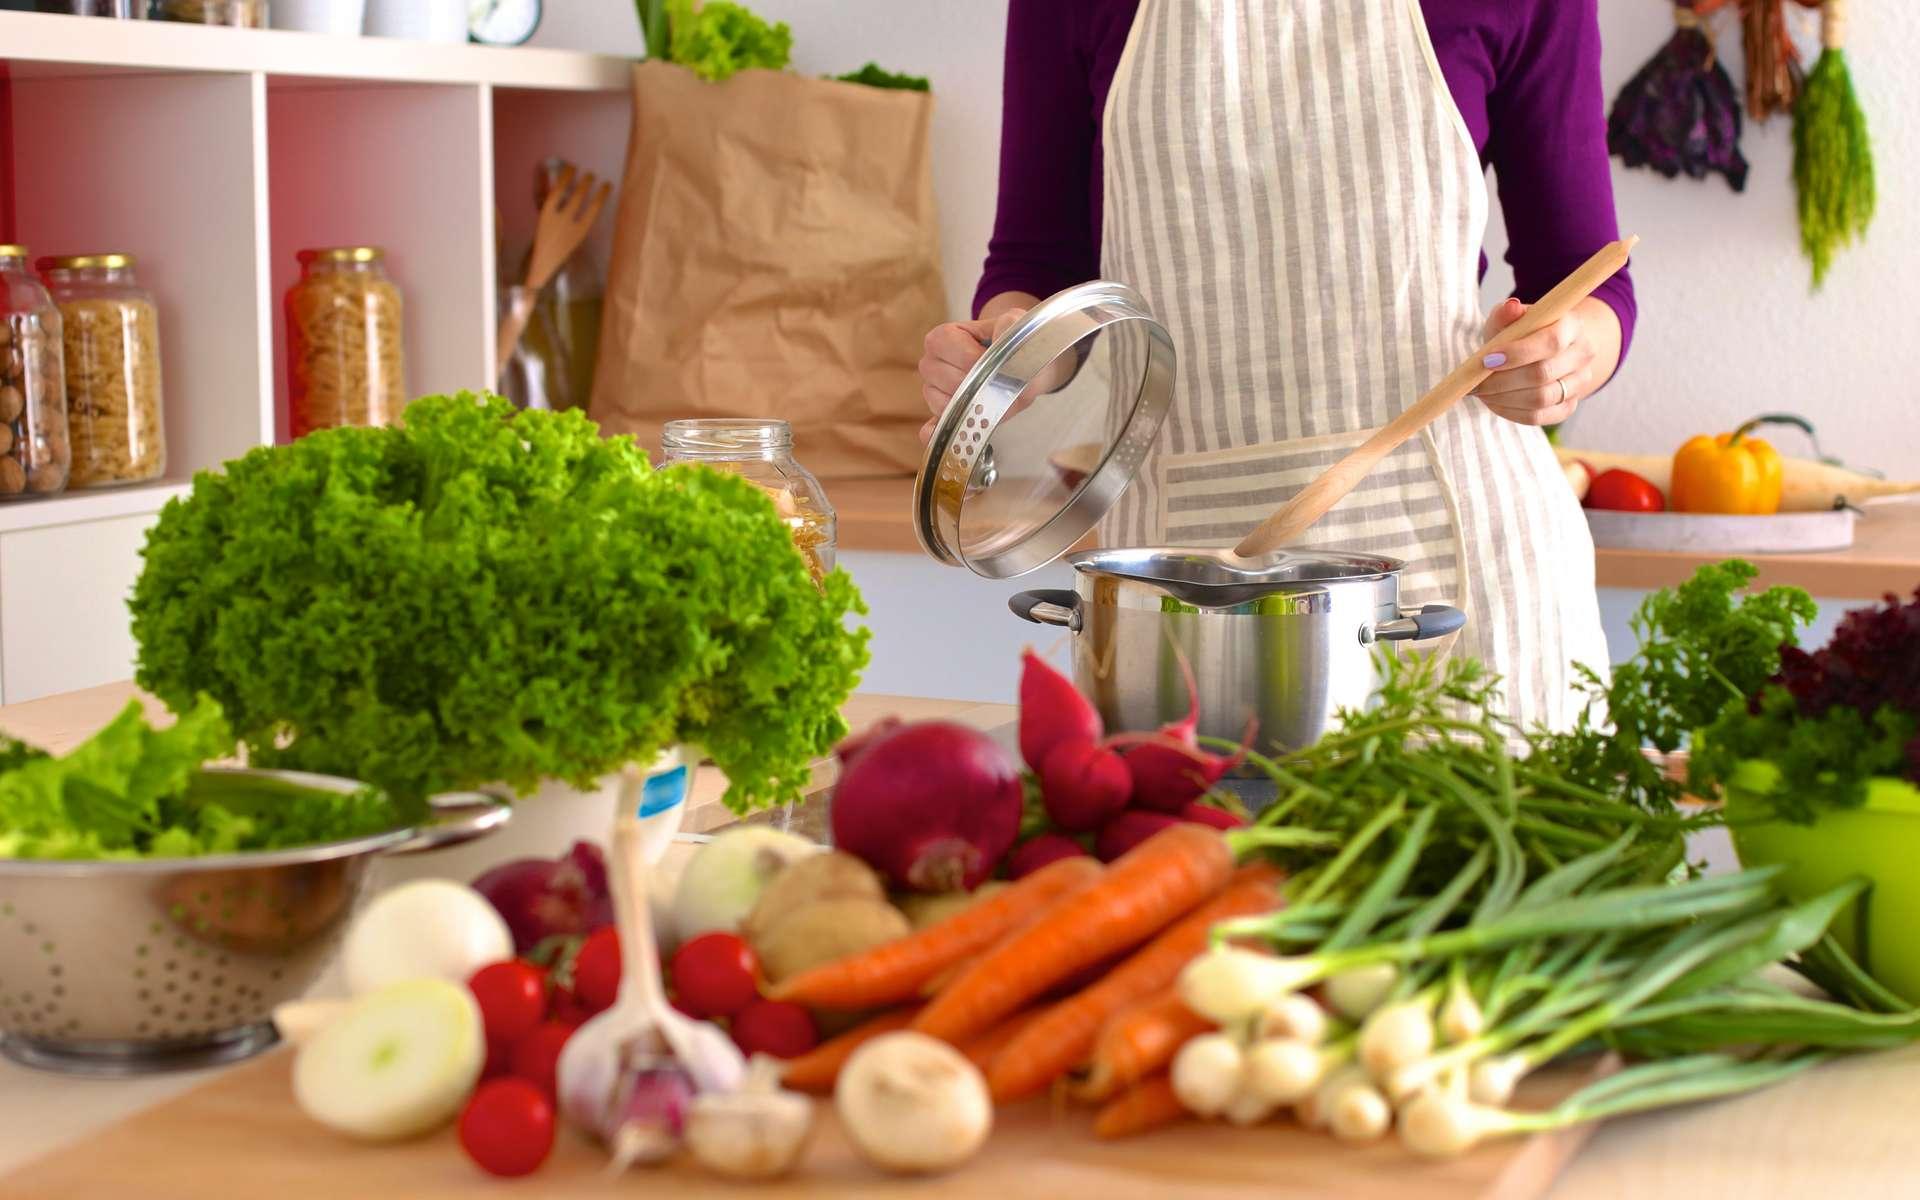 Comment notre alimentation a été impactée par les mesures sanitaires ? © lenetsnikolai, Adobe Stock